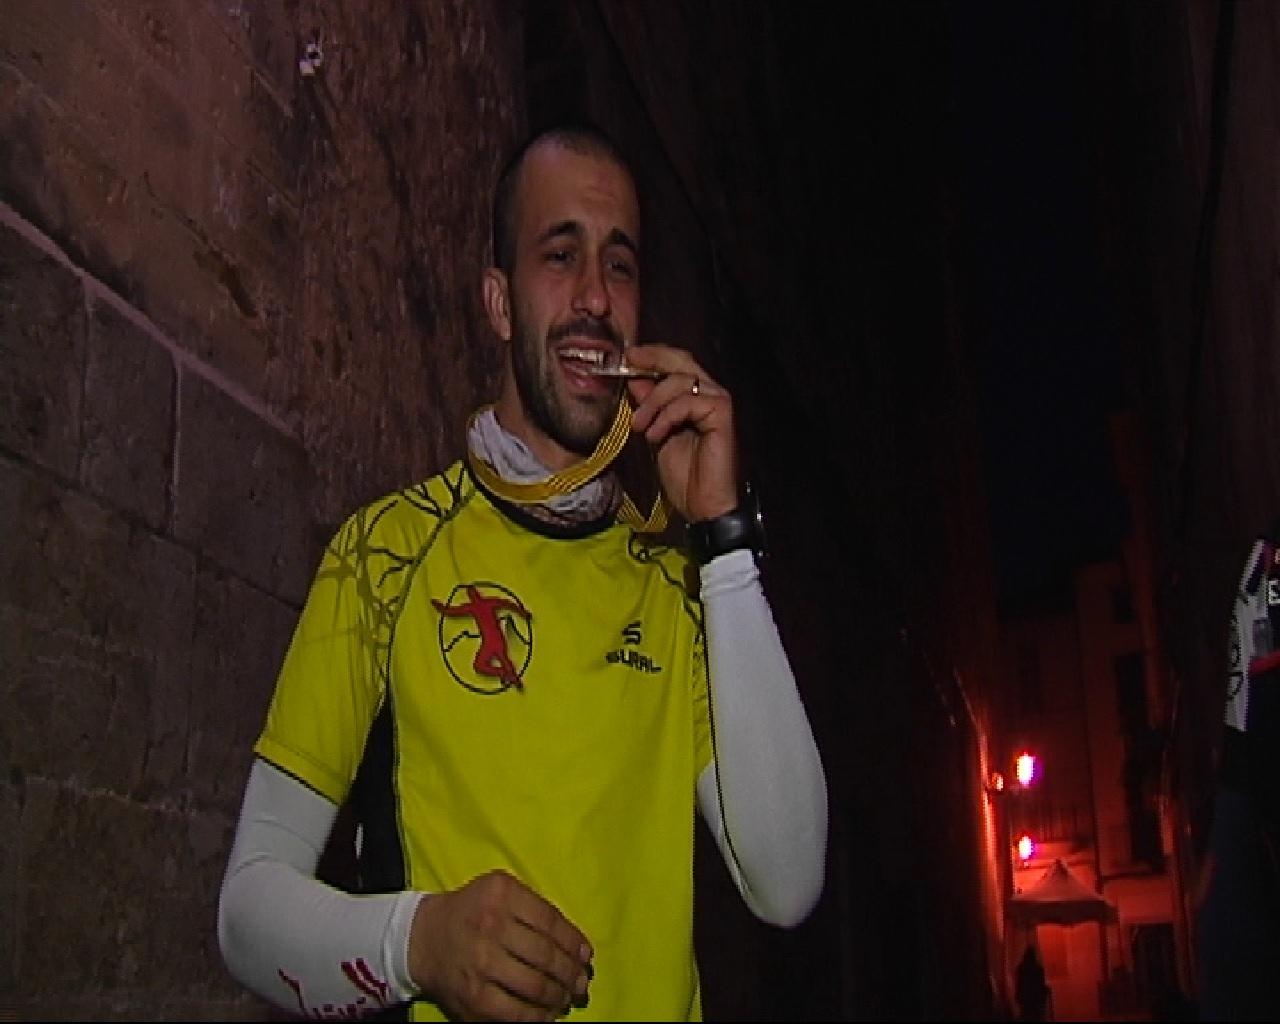 Jaume+Perell%C3%B3+completa+la+doble+Ultra+Trail